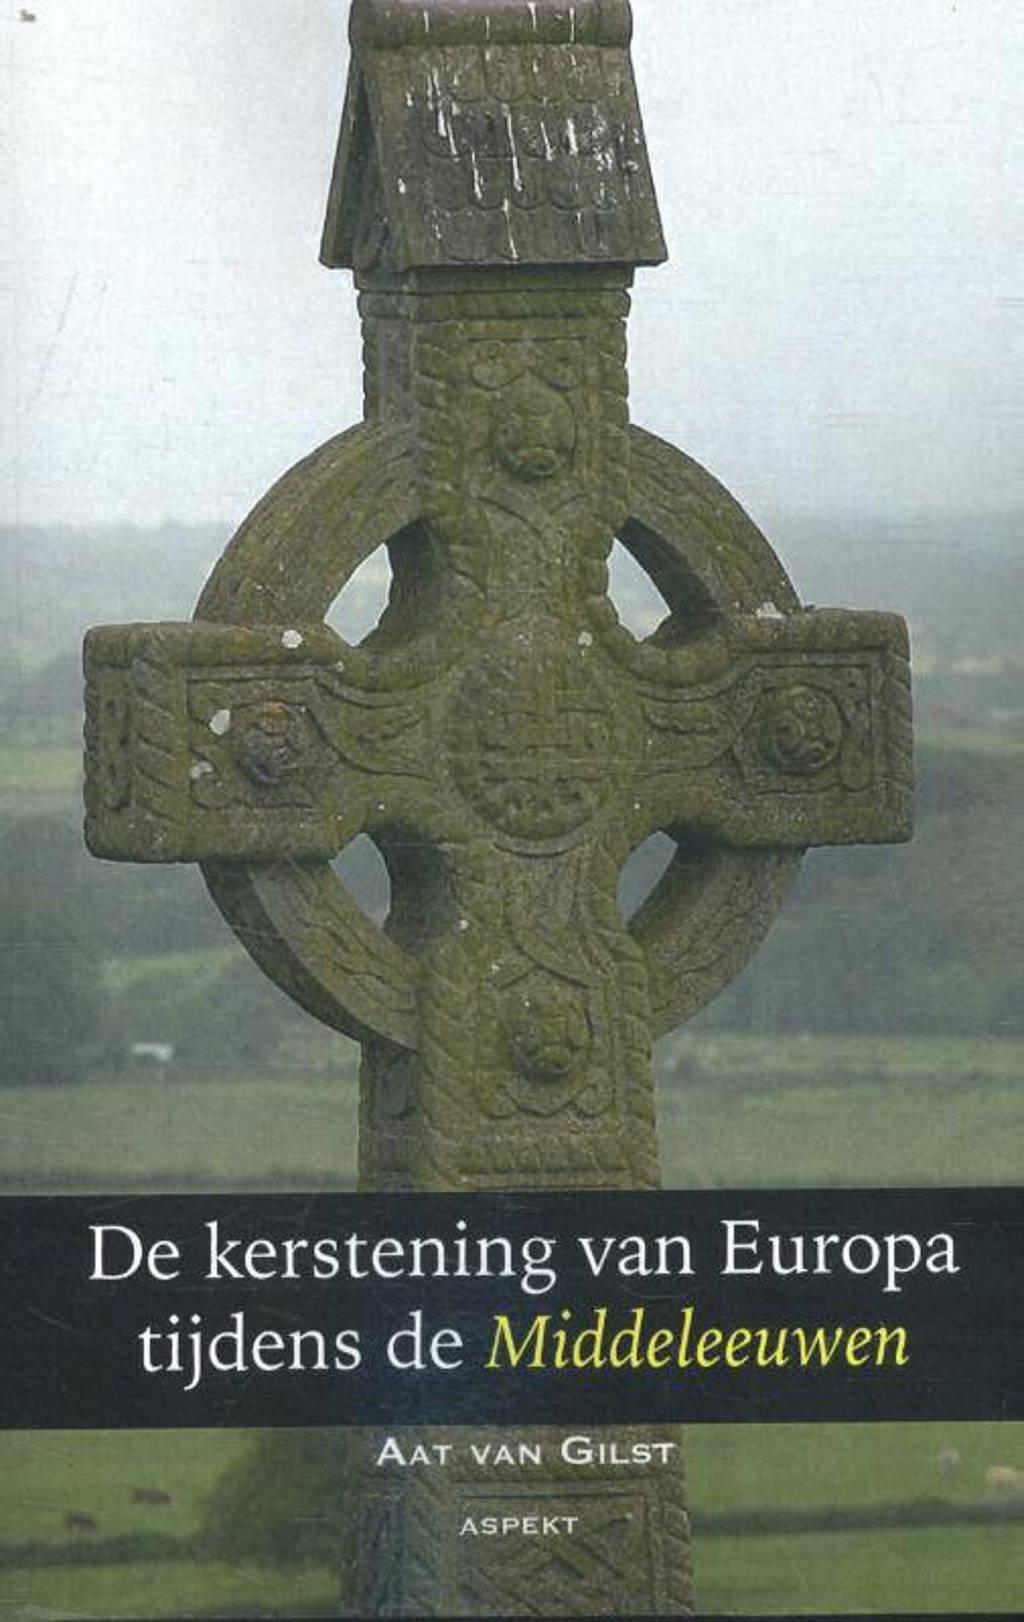 De kerstening van Europa tijdens de Middeleeuwen - Aat van Gilst